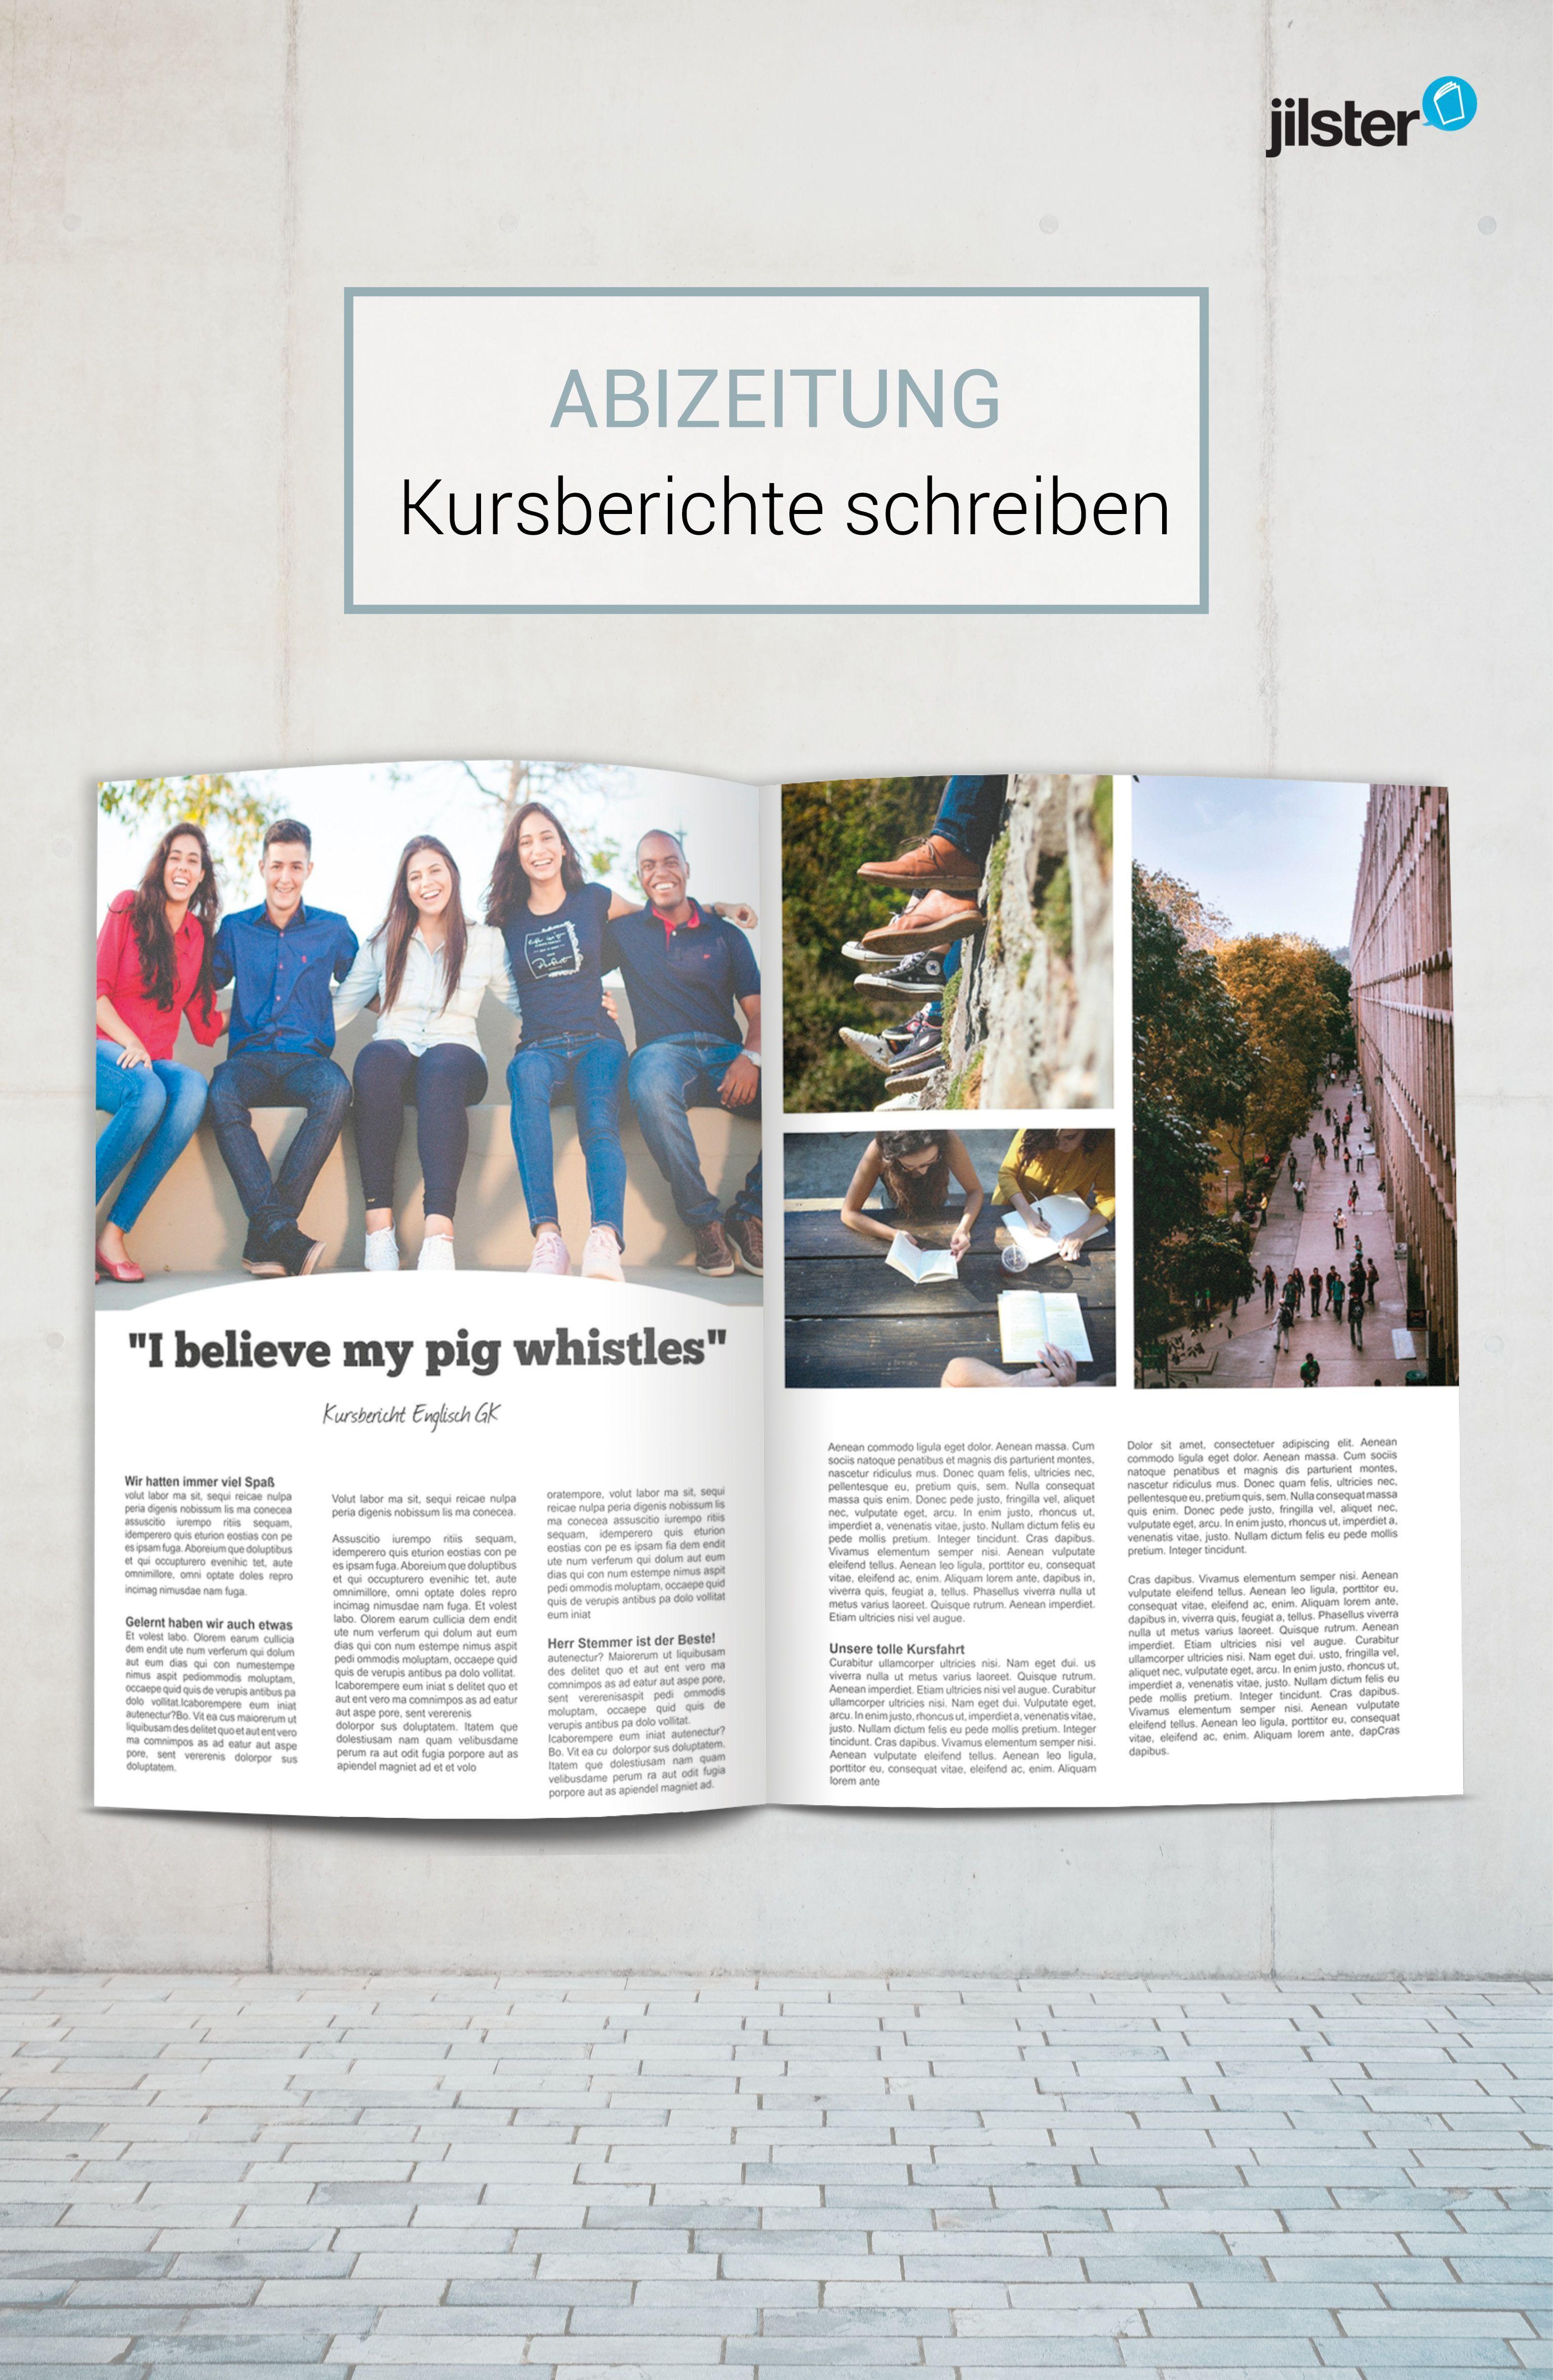 Abizeitung Kursbericht Schreiben Der Alles Ans Licht Bringt